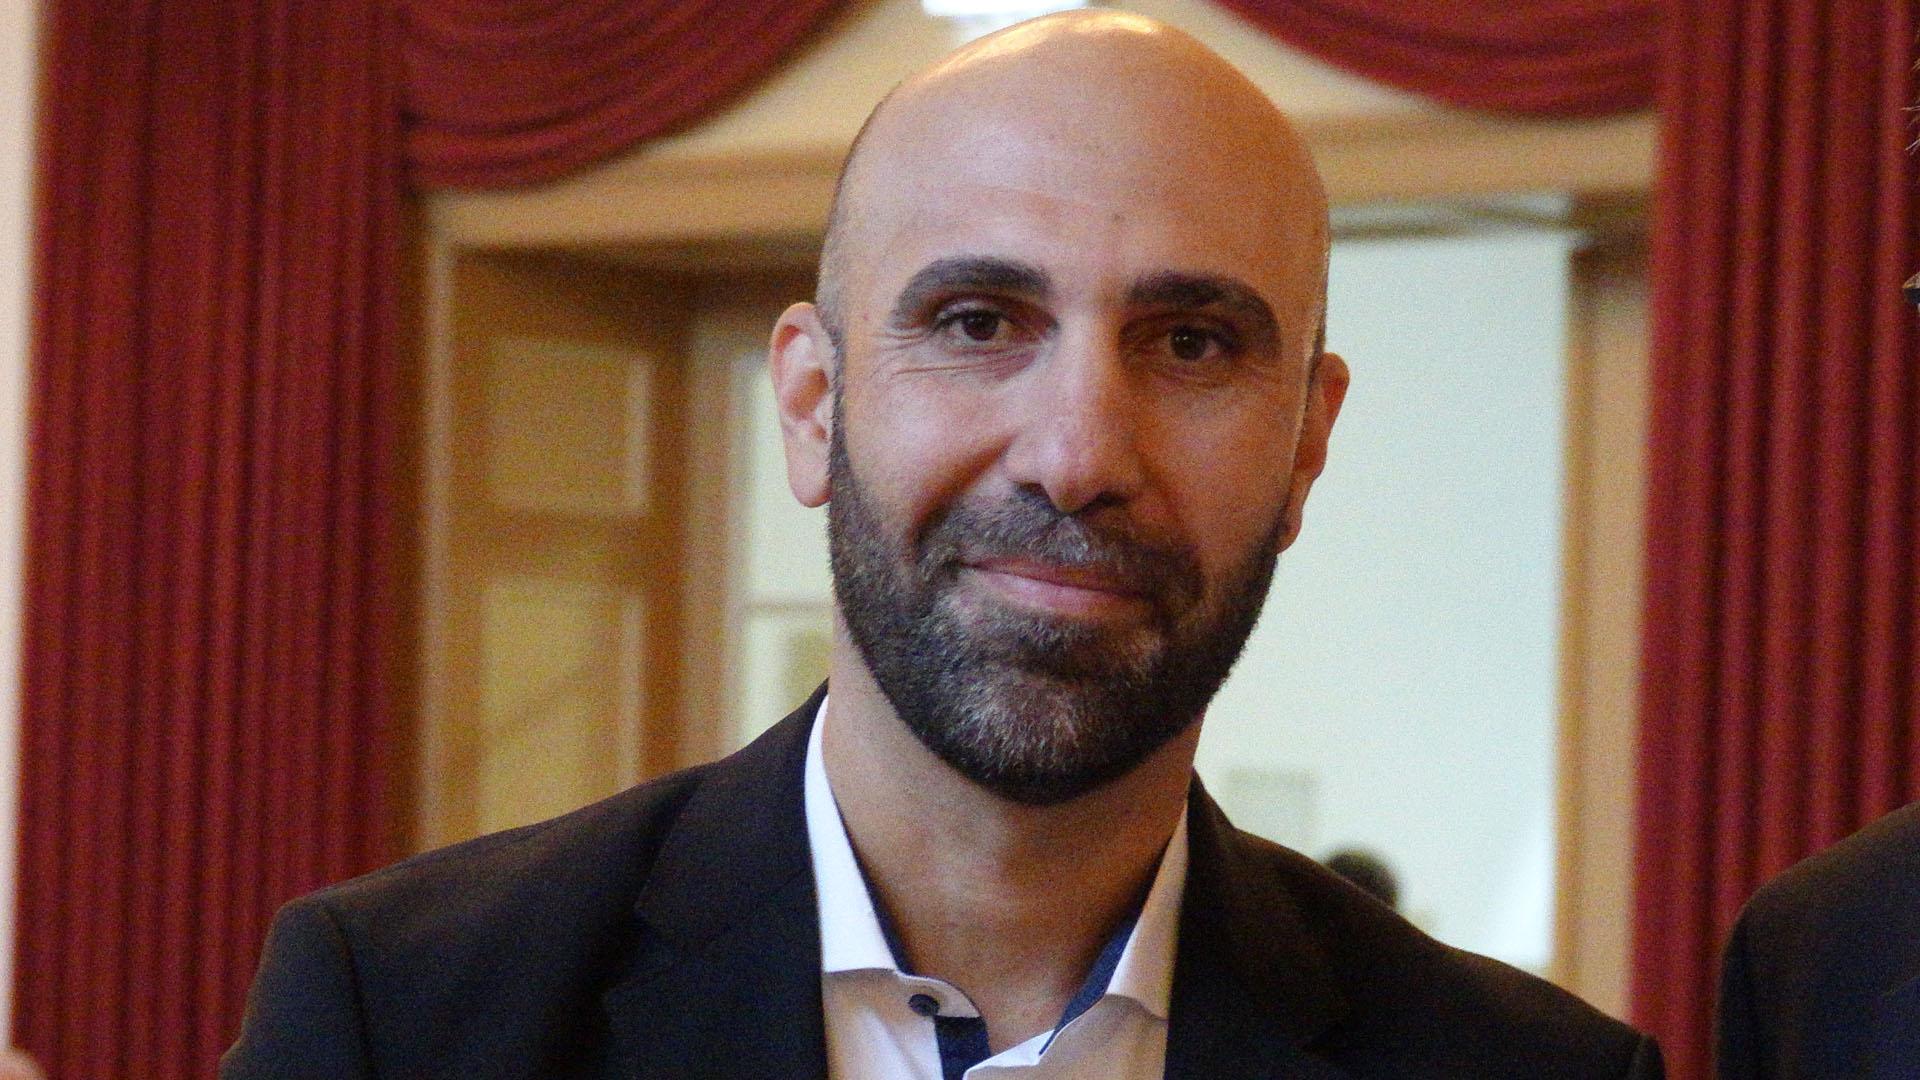 Bei öffentlichen Auftritten erhält Ahmad Mansour immer wieder Personenschutz